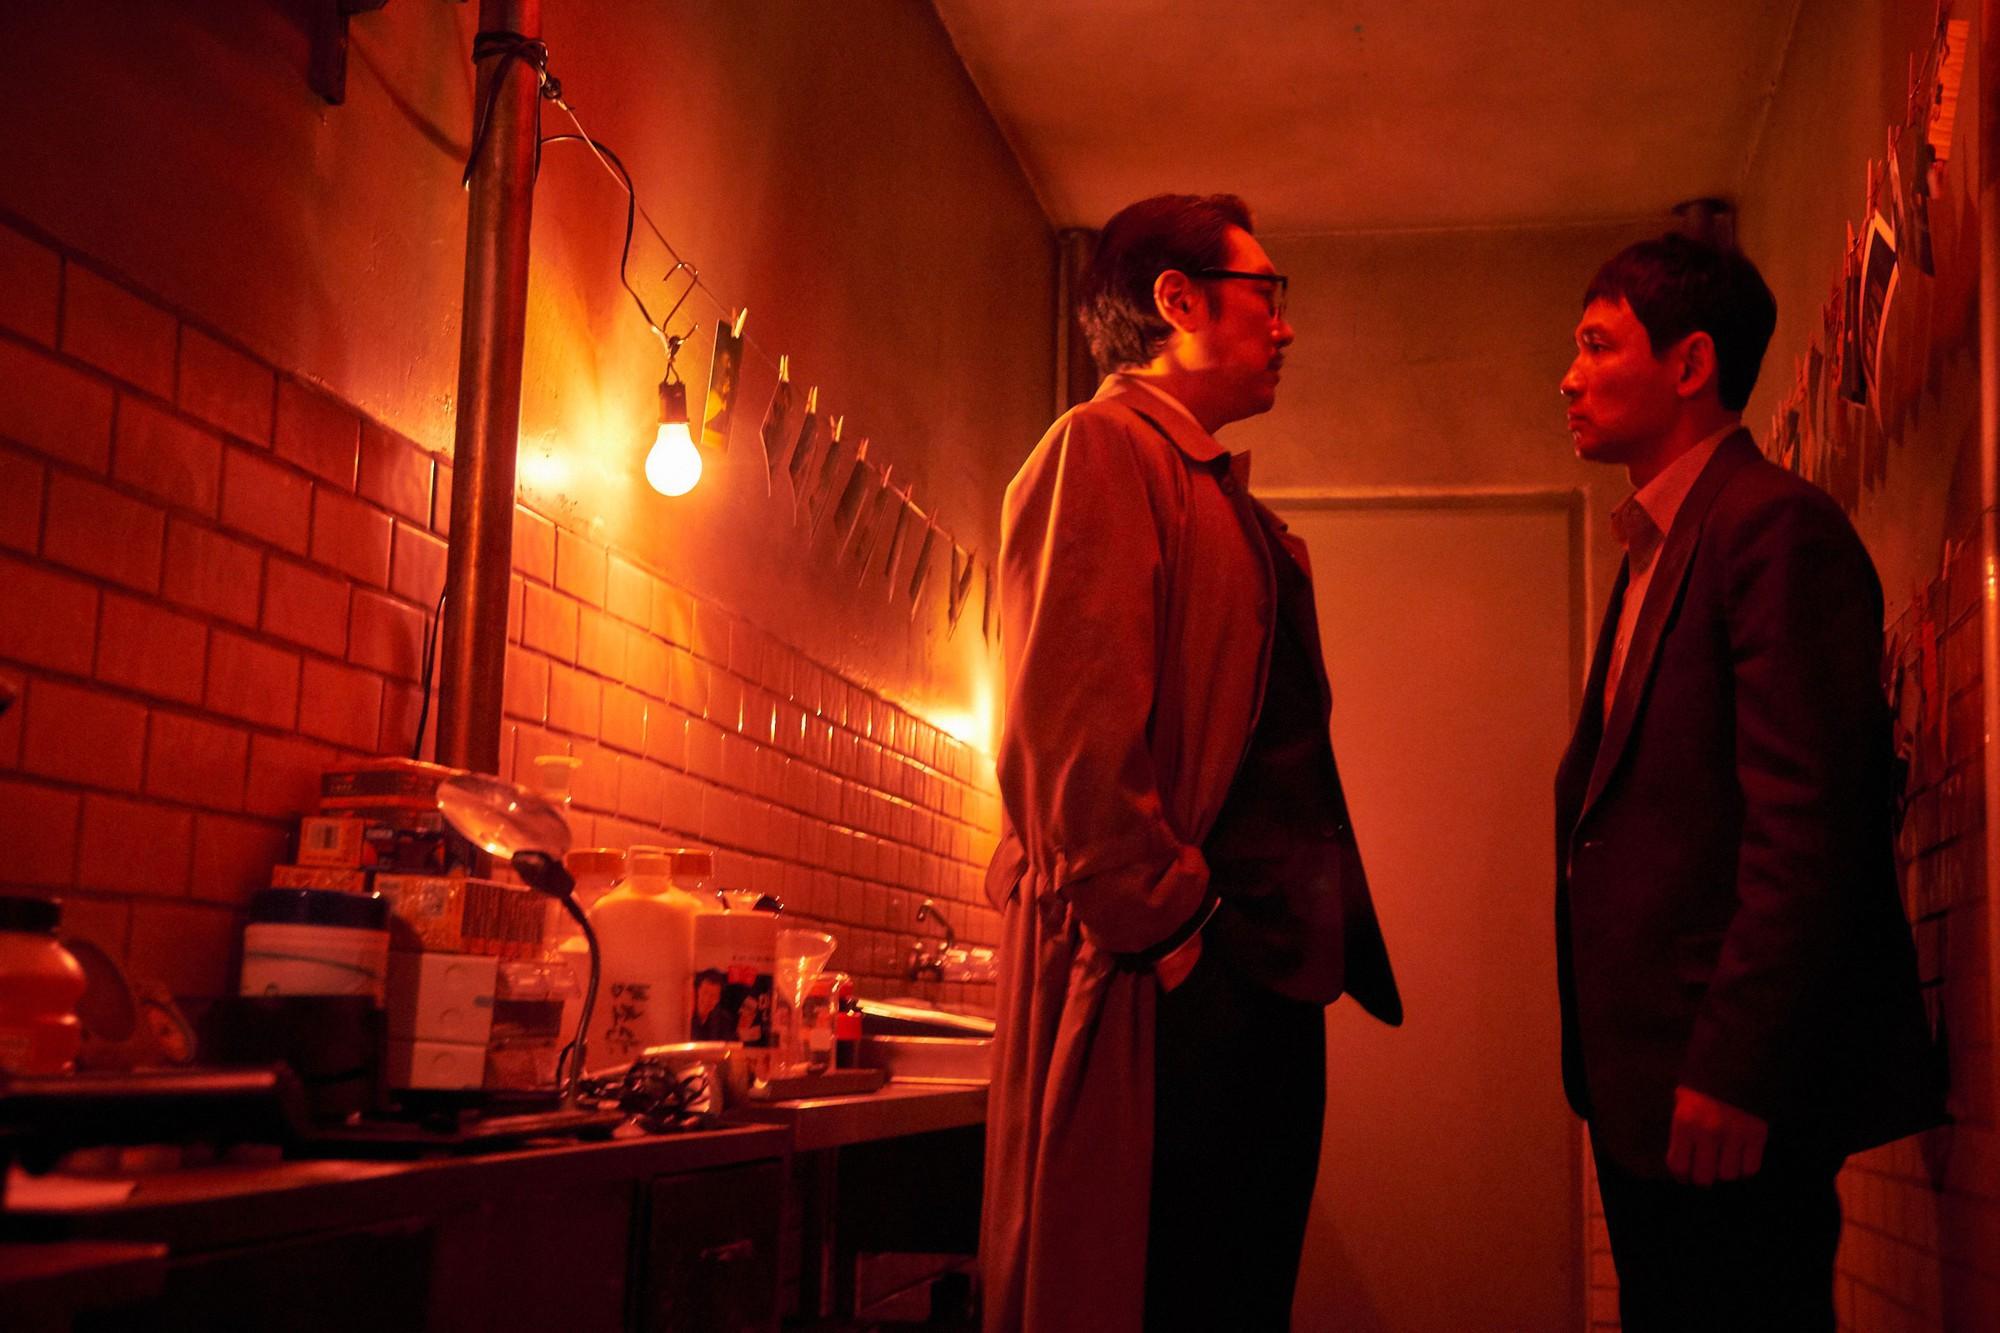 Điện ảnh Hàn đối mặt một trong những khủng hoảng tồi tệ nhất kể từ thập niên 90 - Ảnh 5.